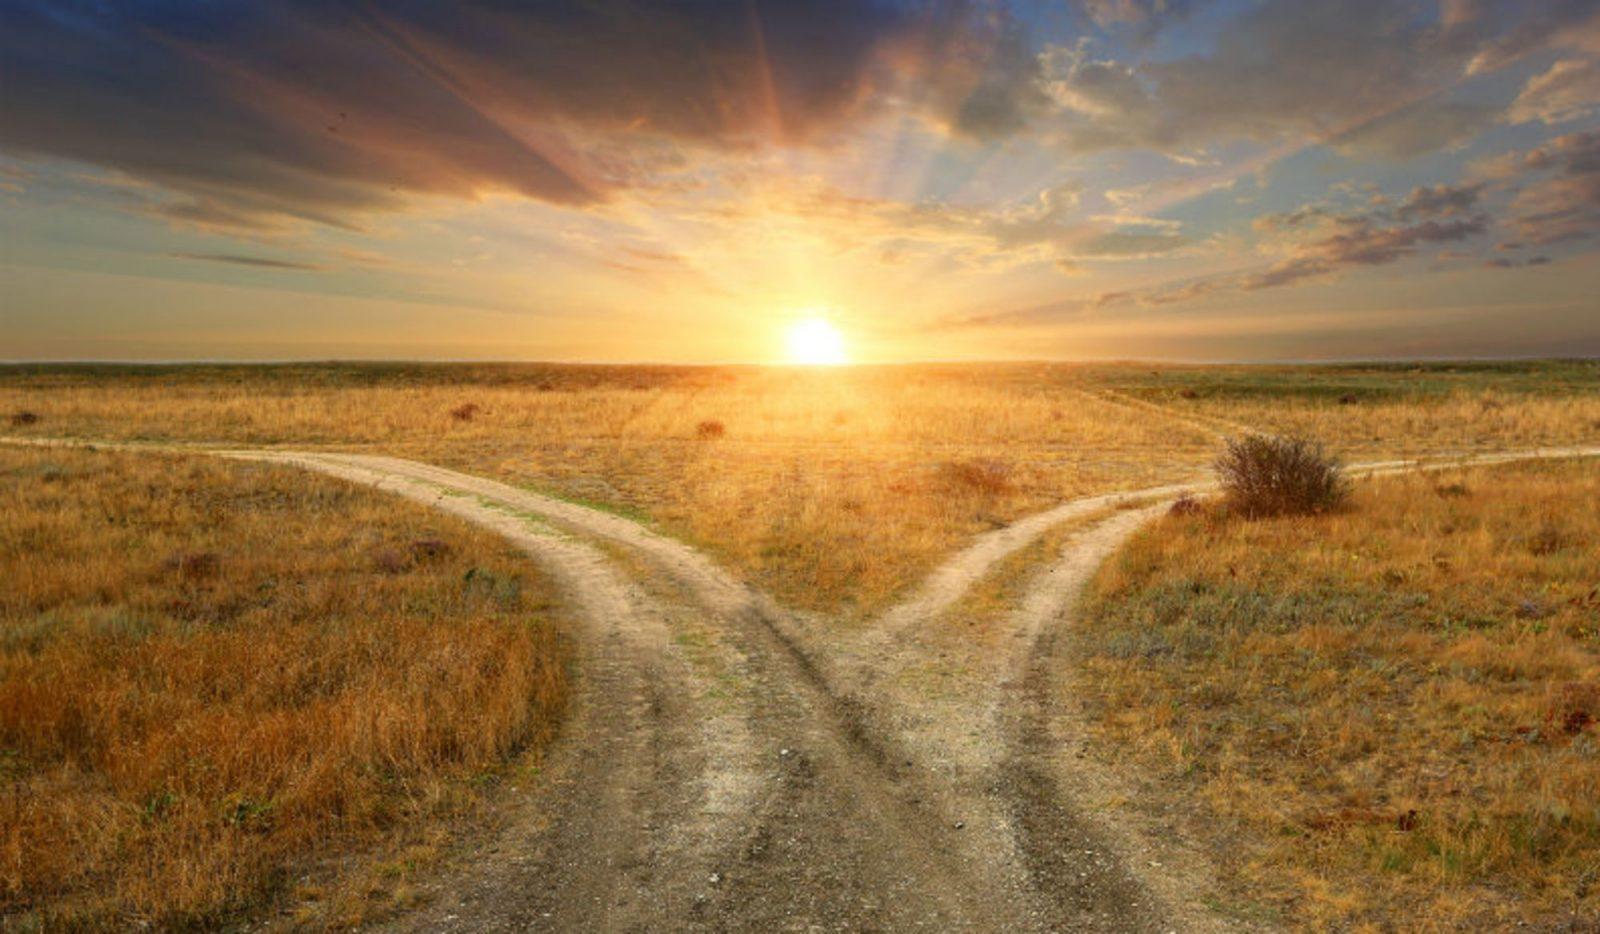 Время перемен. Самопознание. Путь духовного воина